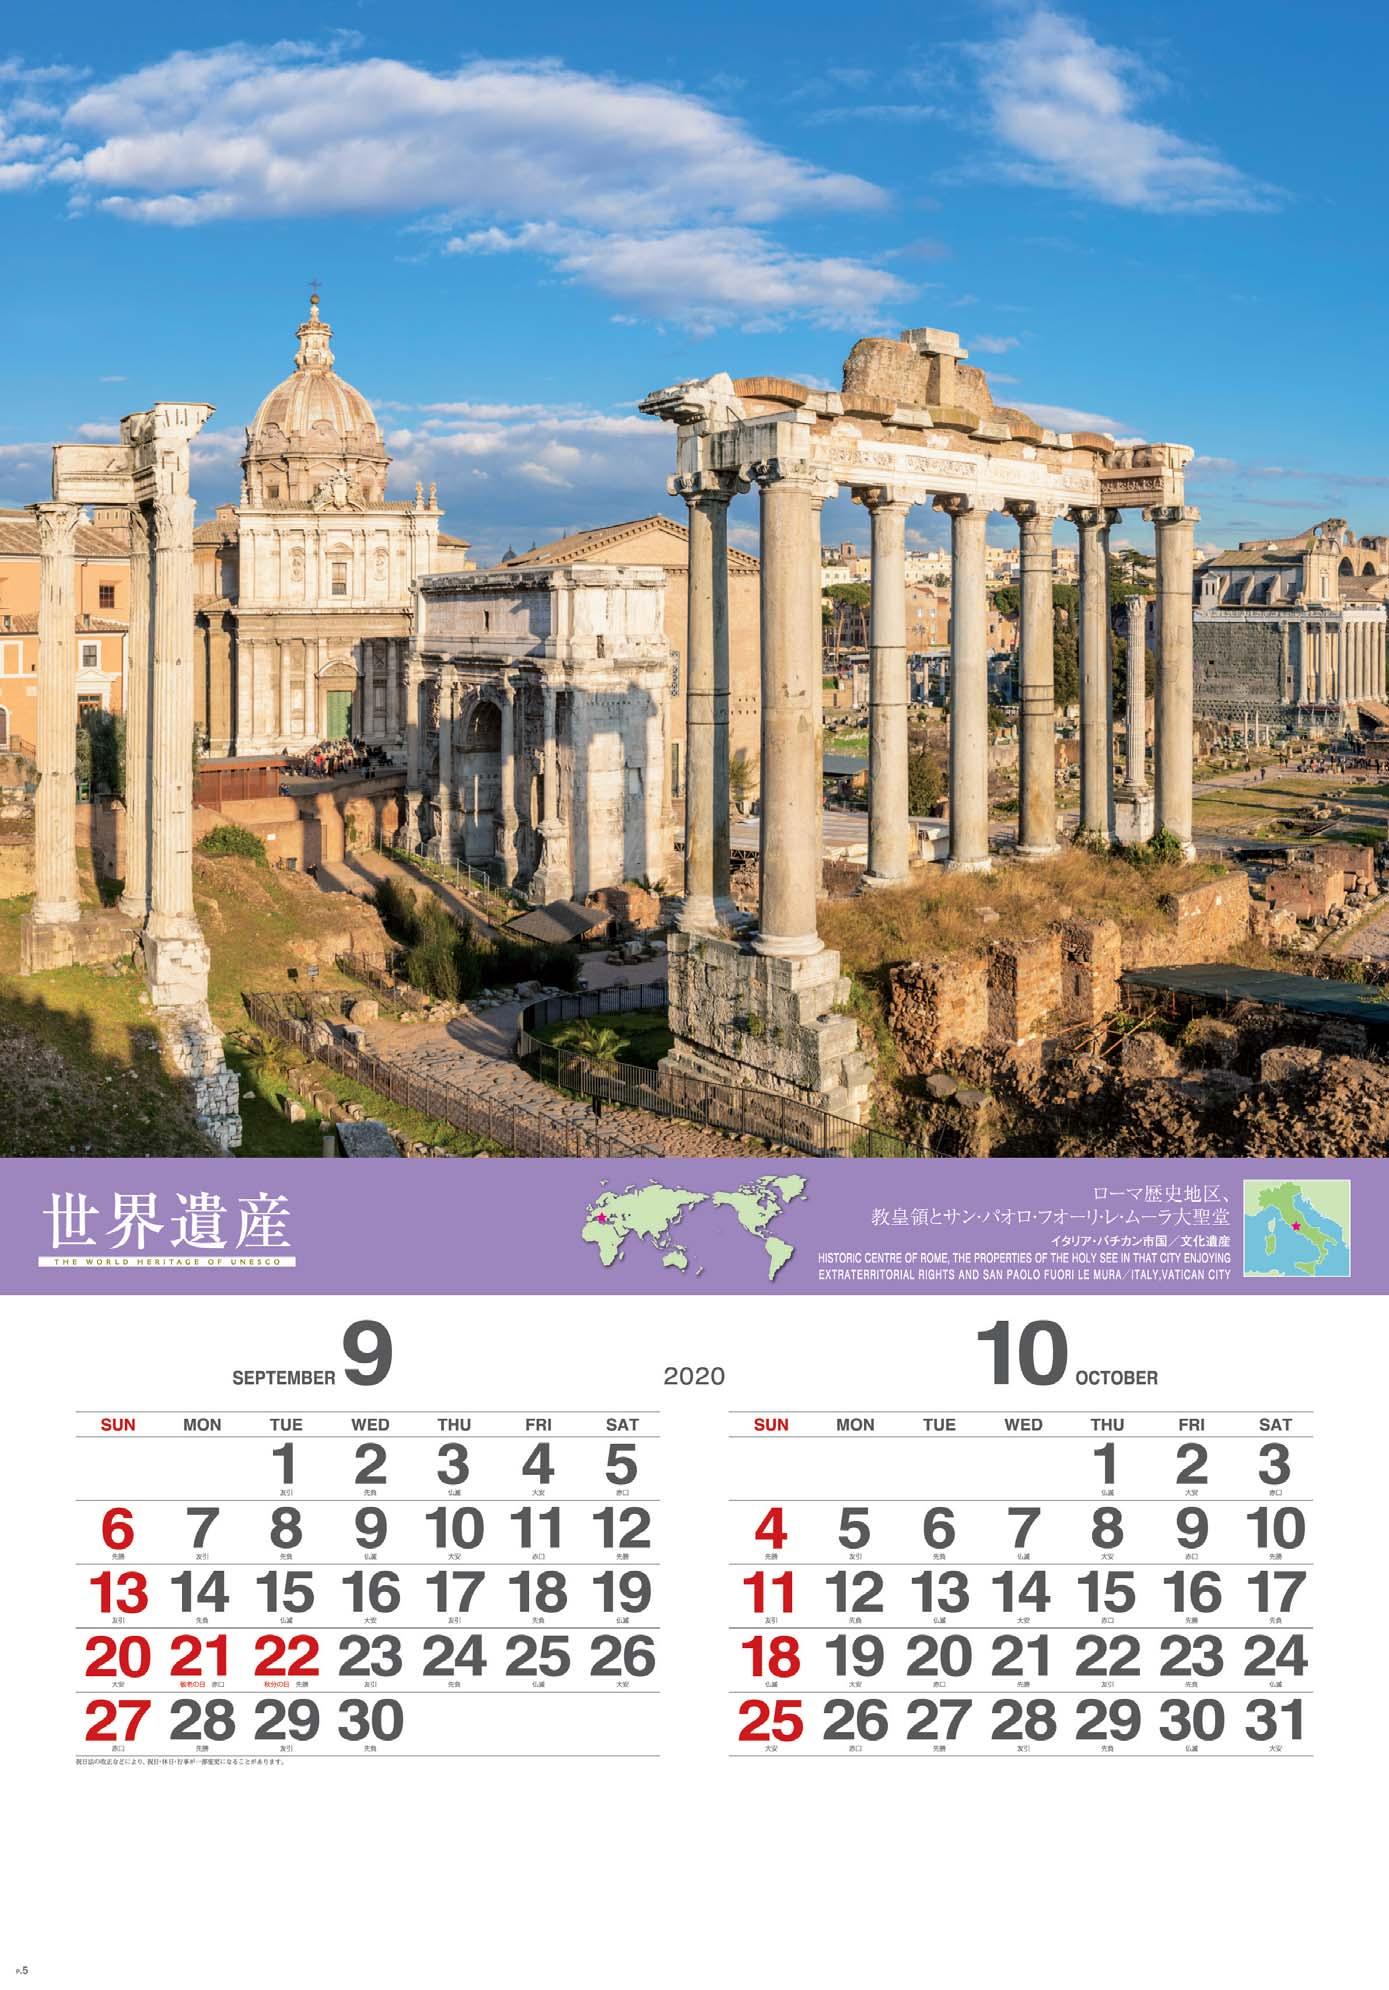 画像:ローマ歴史地区(イタリア/バチカン市国) ユネスコ世界遺産(フィルムカレンダー) 2020年カレンダー